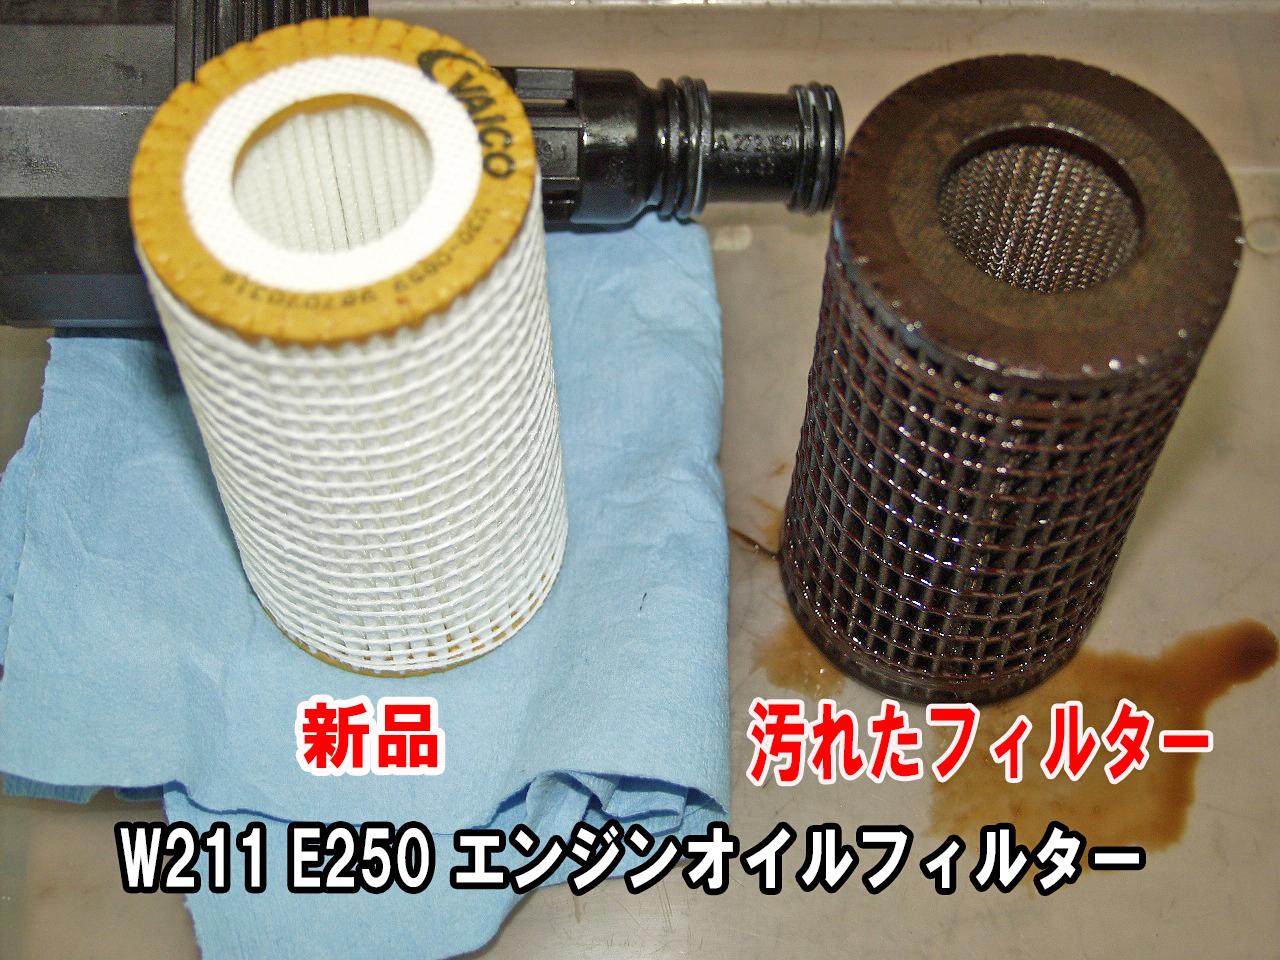 ベンツW211E250エンジンオイルとオイルフィルターを交換しました。